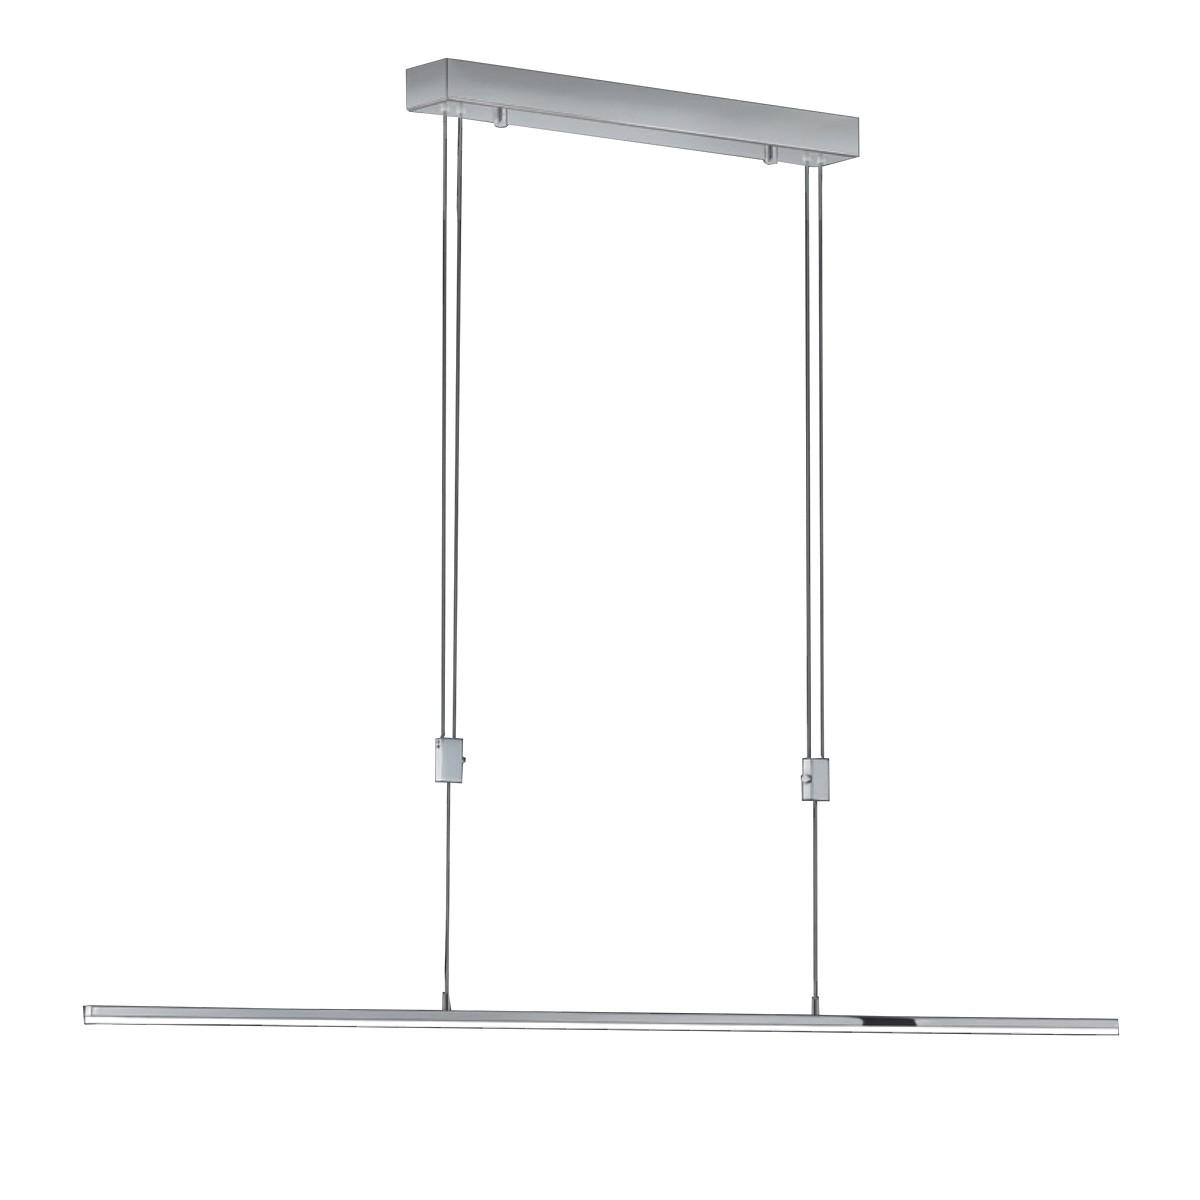 Bankamp Slim Pendelleuchte, Länge: 135 cm, Chrom, mit Easy-Touch und Bluetooth